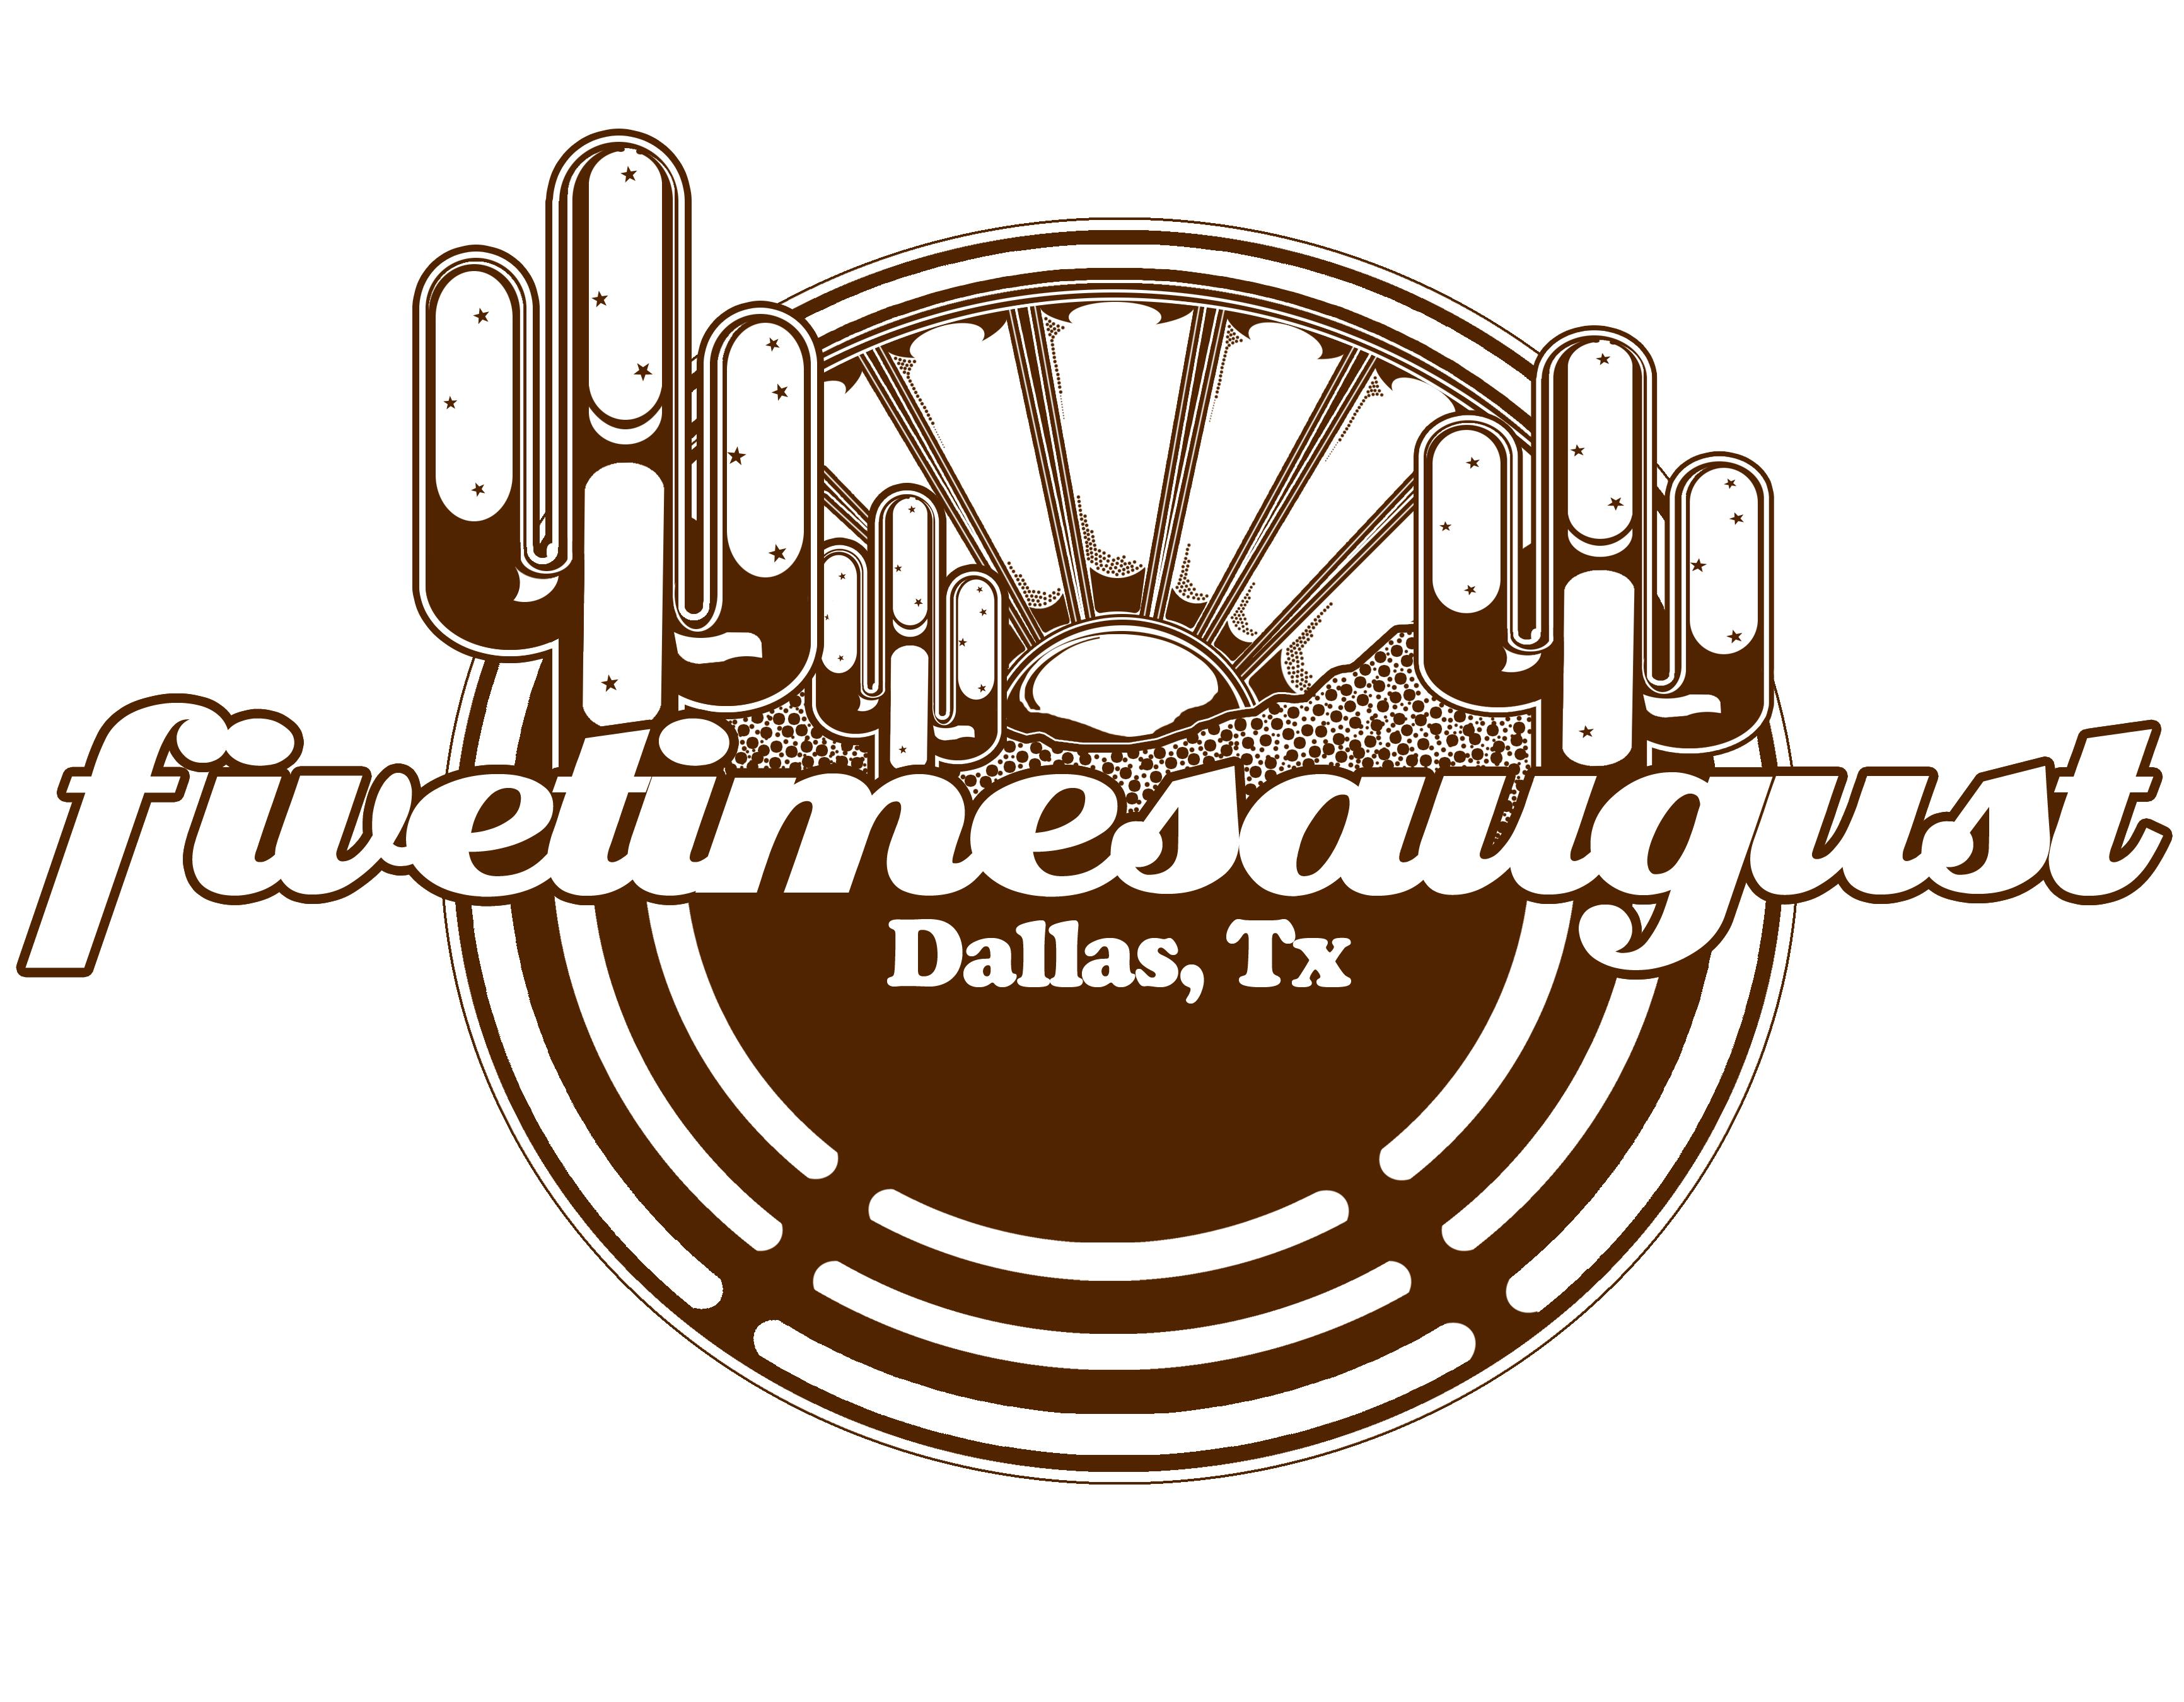 Shirt design dallas tx -  Dallas Tx Five Times August Tour Shirt Design